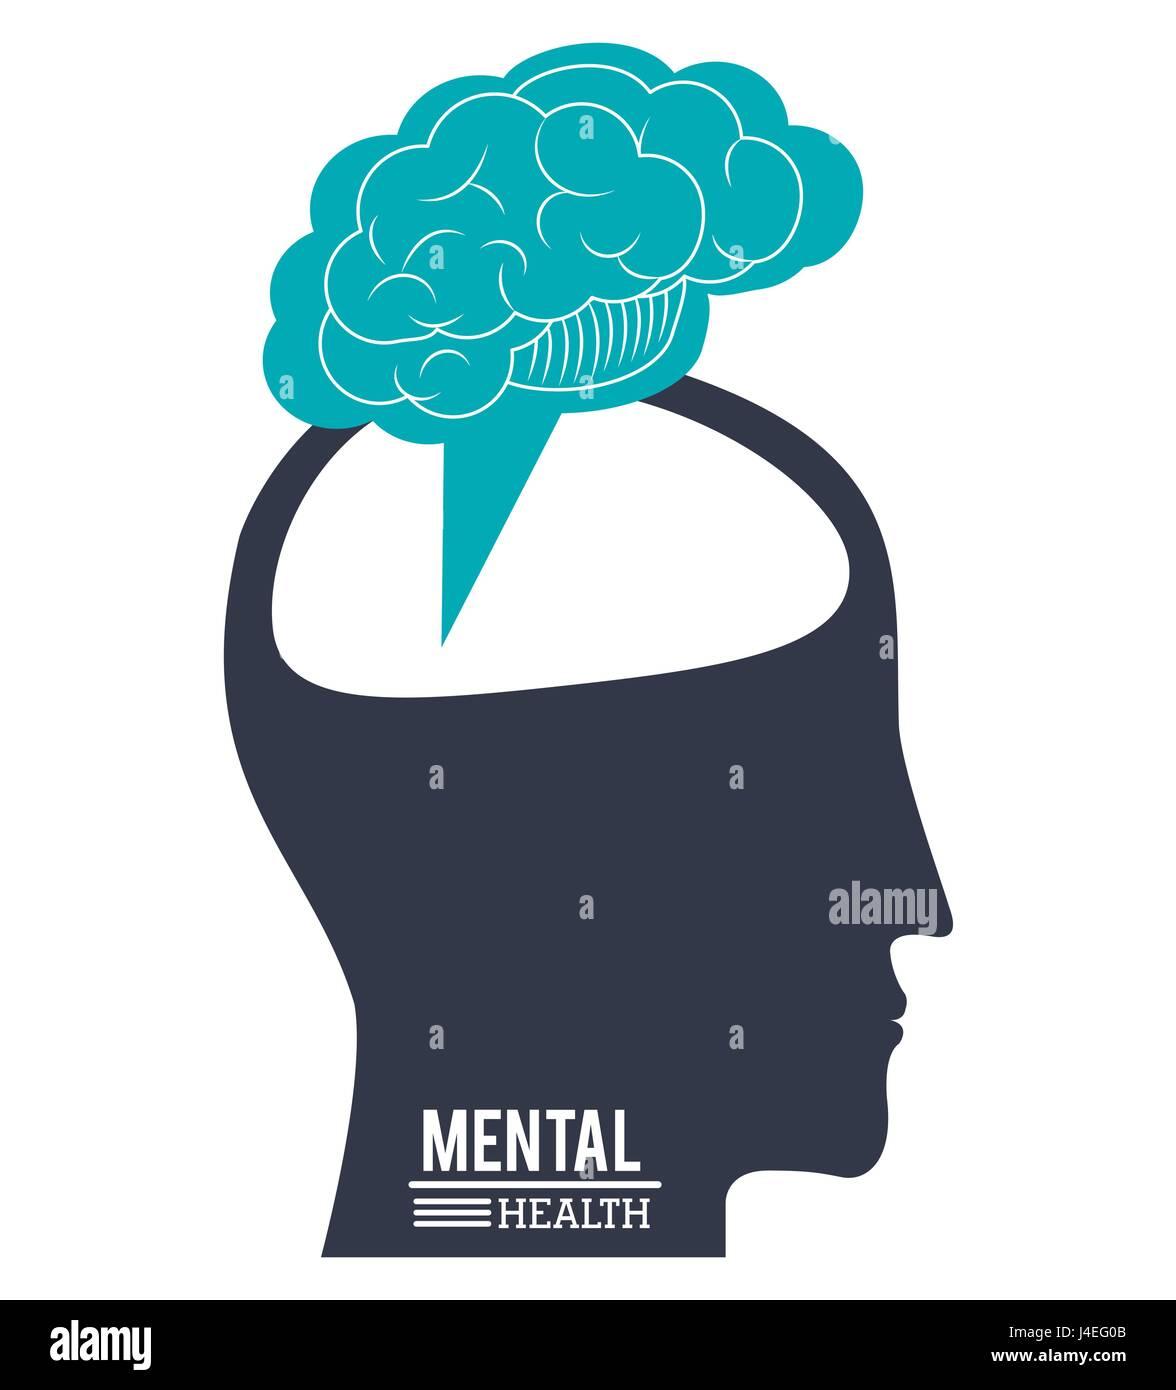 menschliche Kopf Gehirn, psychische Gesundheit Fortschritte Innovation design Stockbild